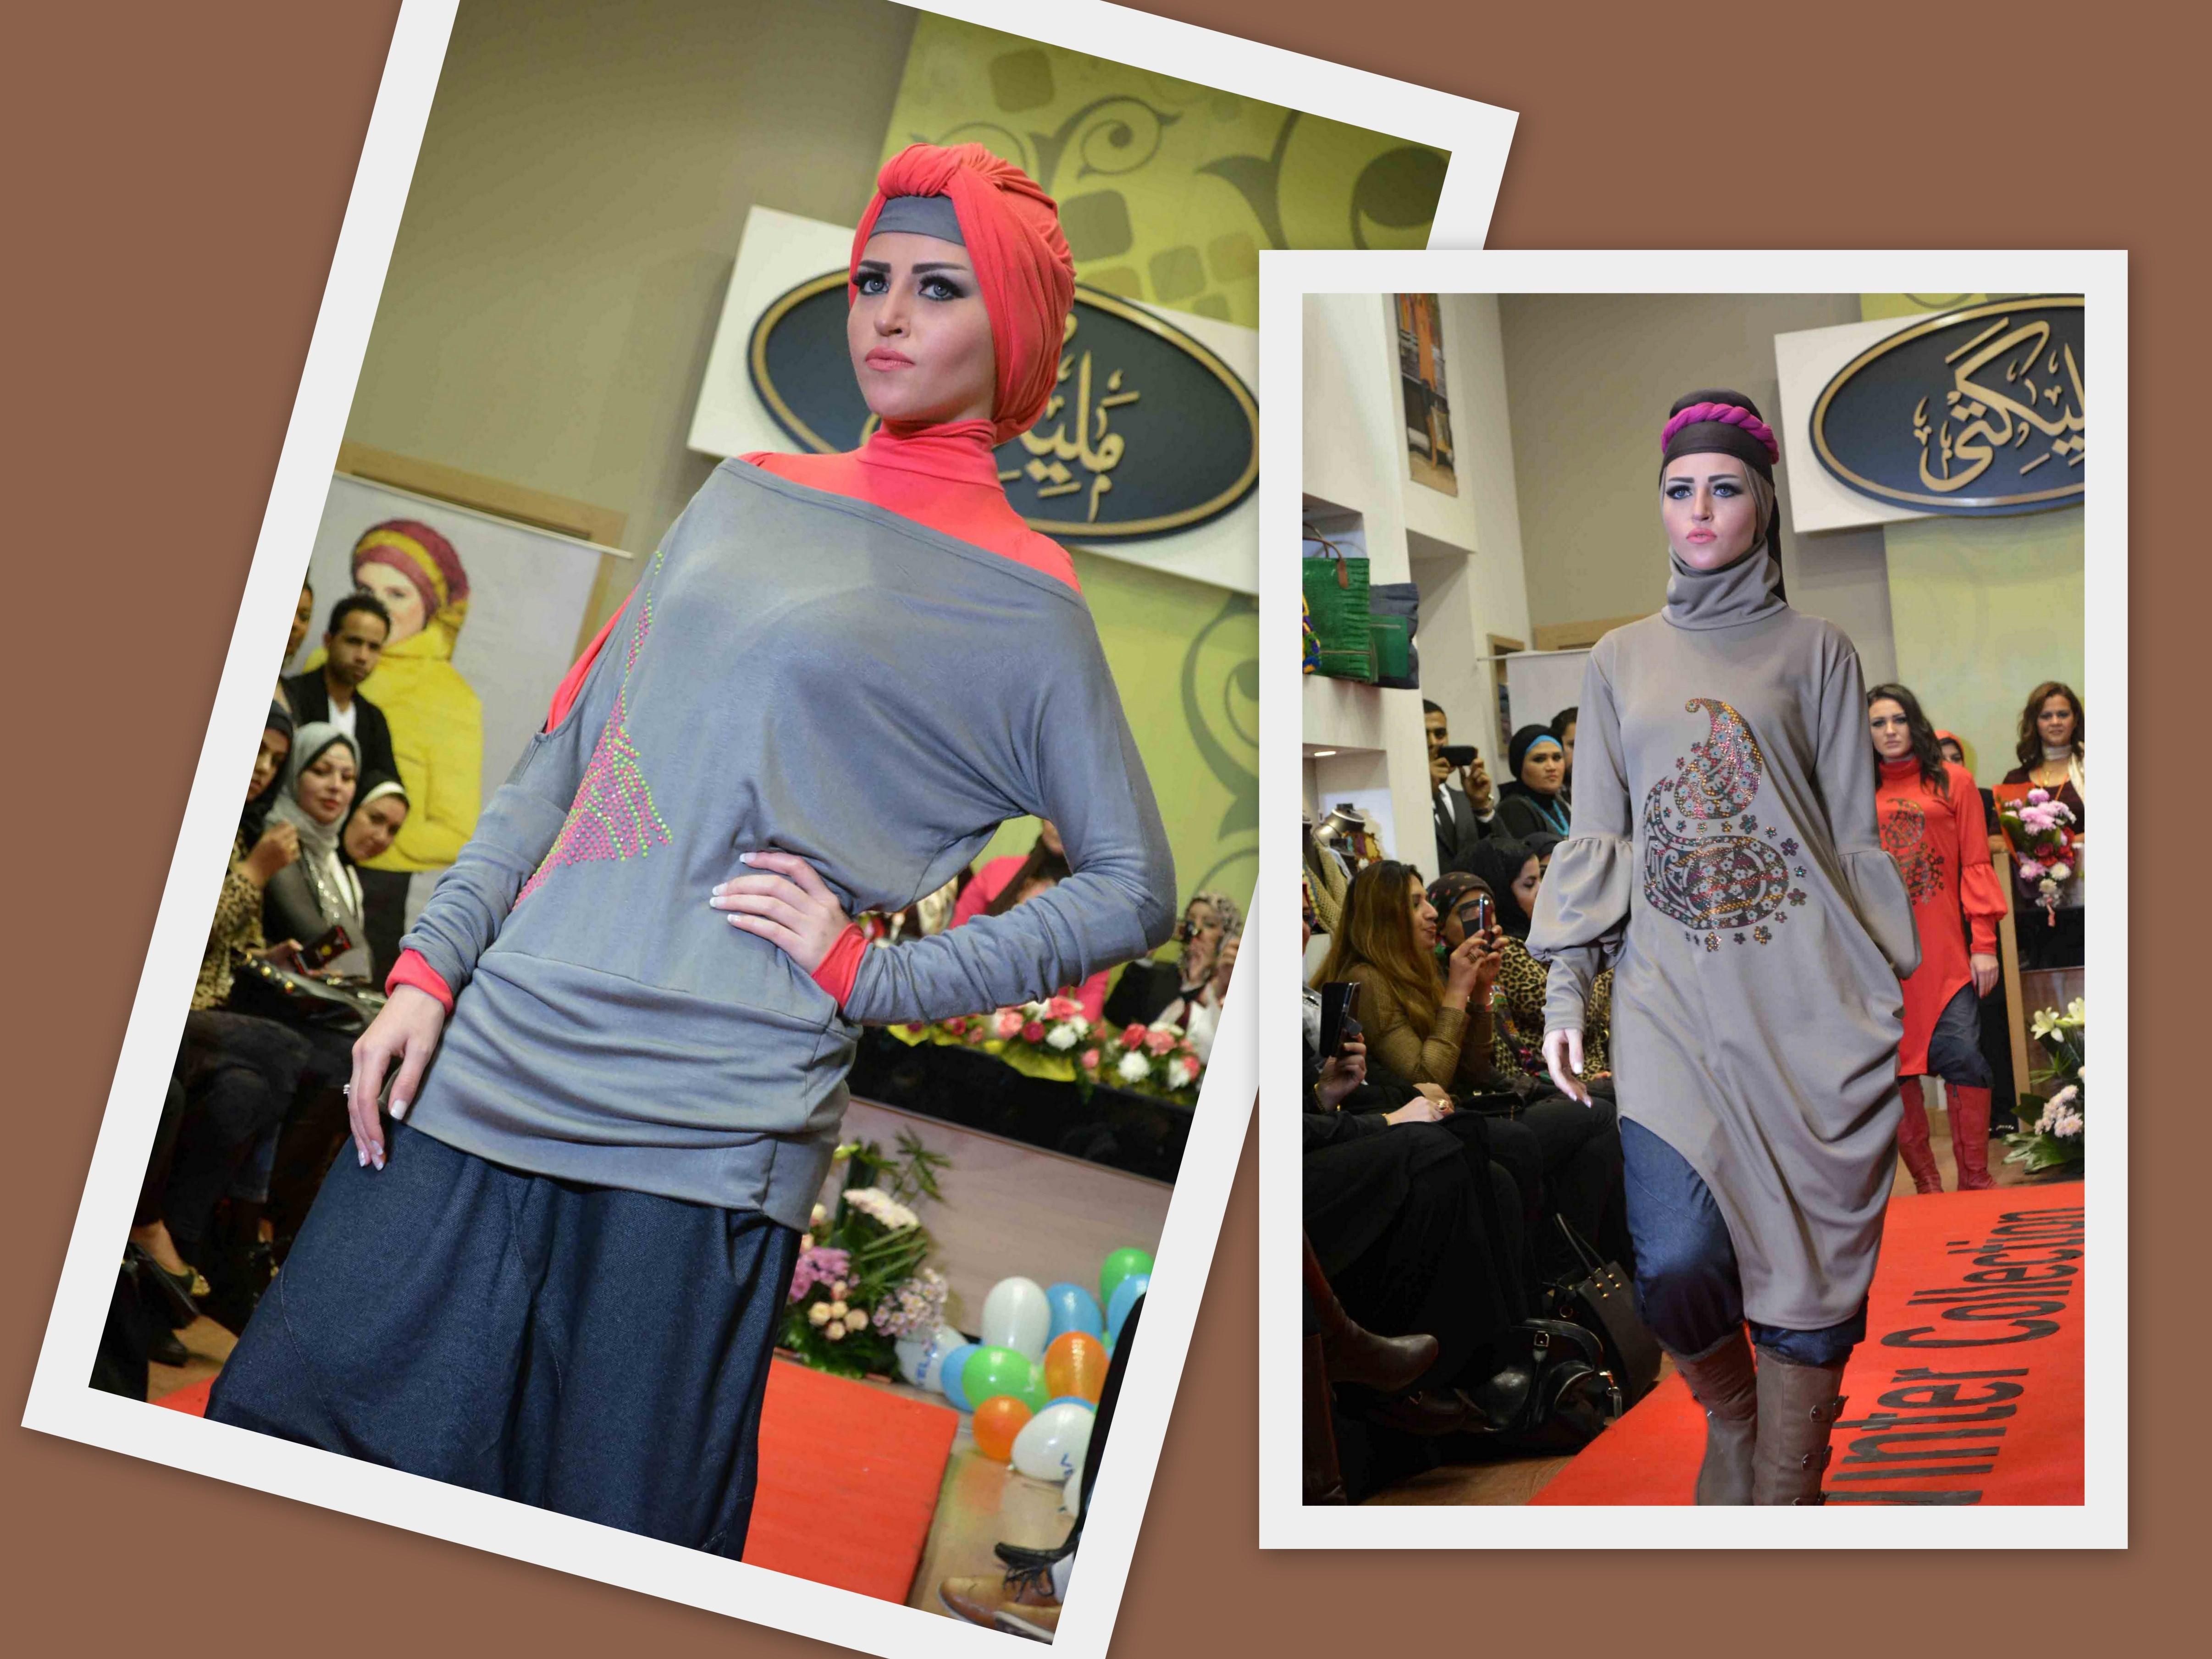 2089cb7b4 الألوان المبهجة عنوان عرض أزياء مليكتي | مجلة سيدتي